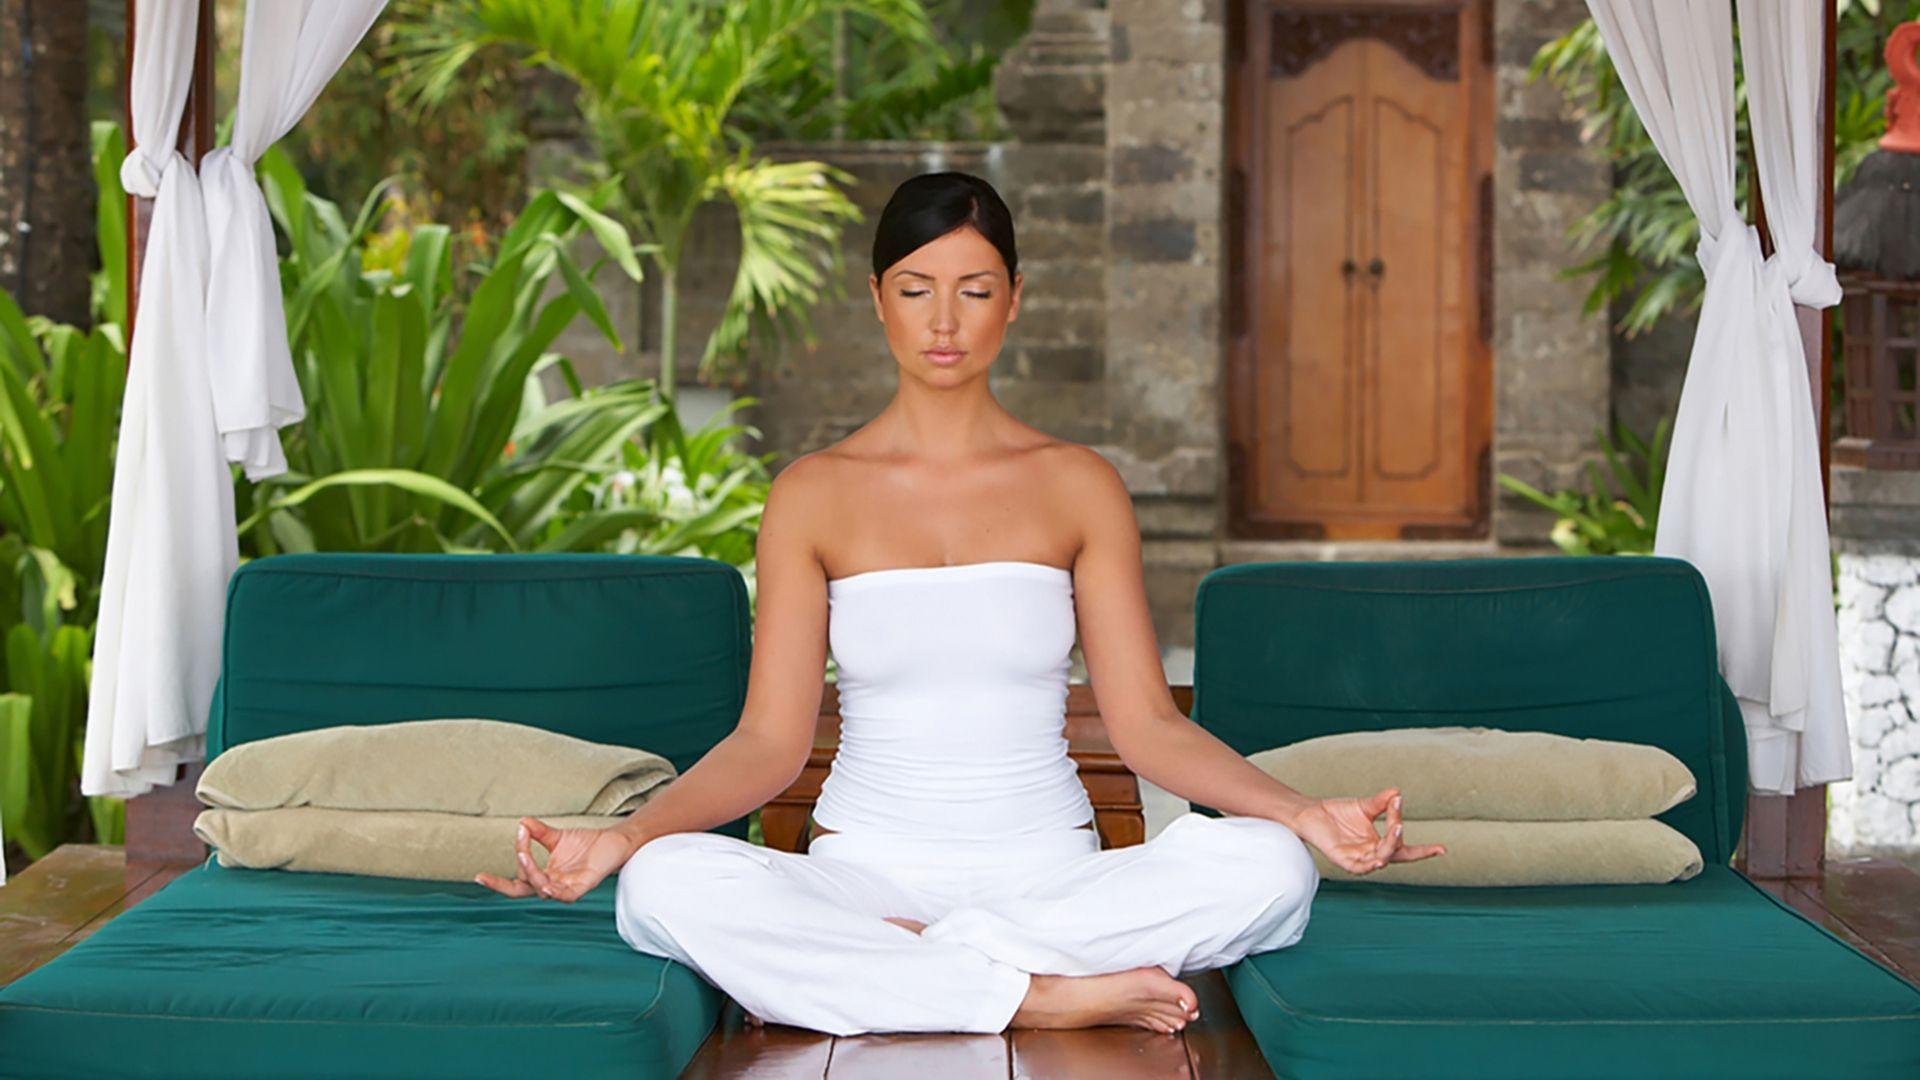 Ilsėdamiesi saloje išbandykite ir meditaciją